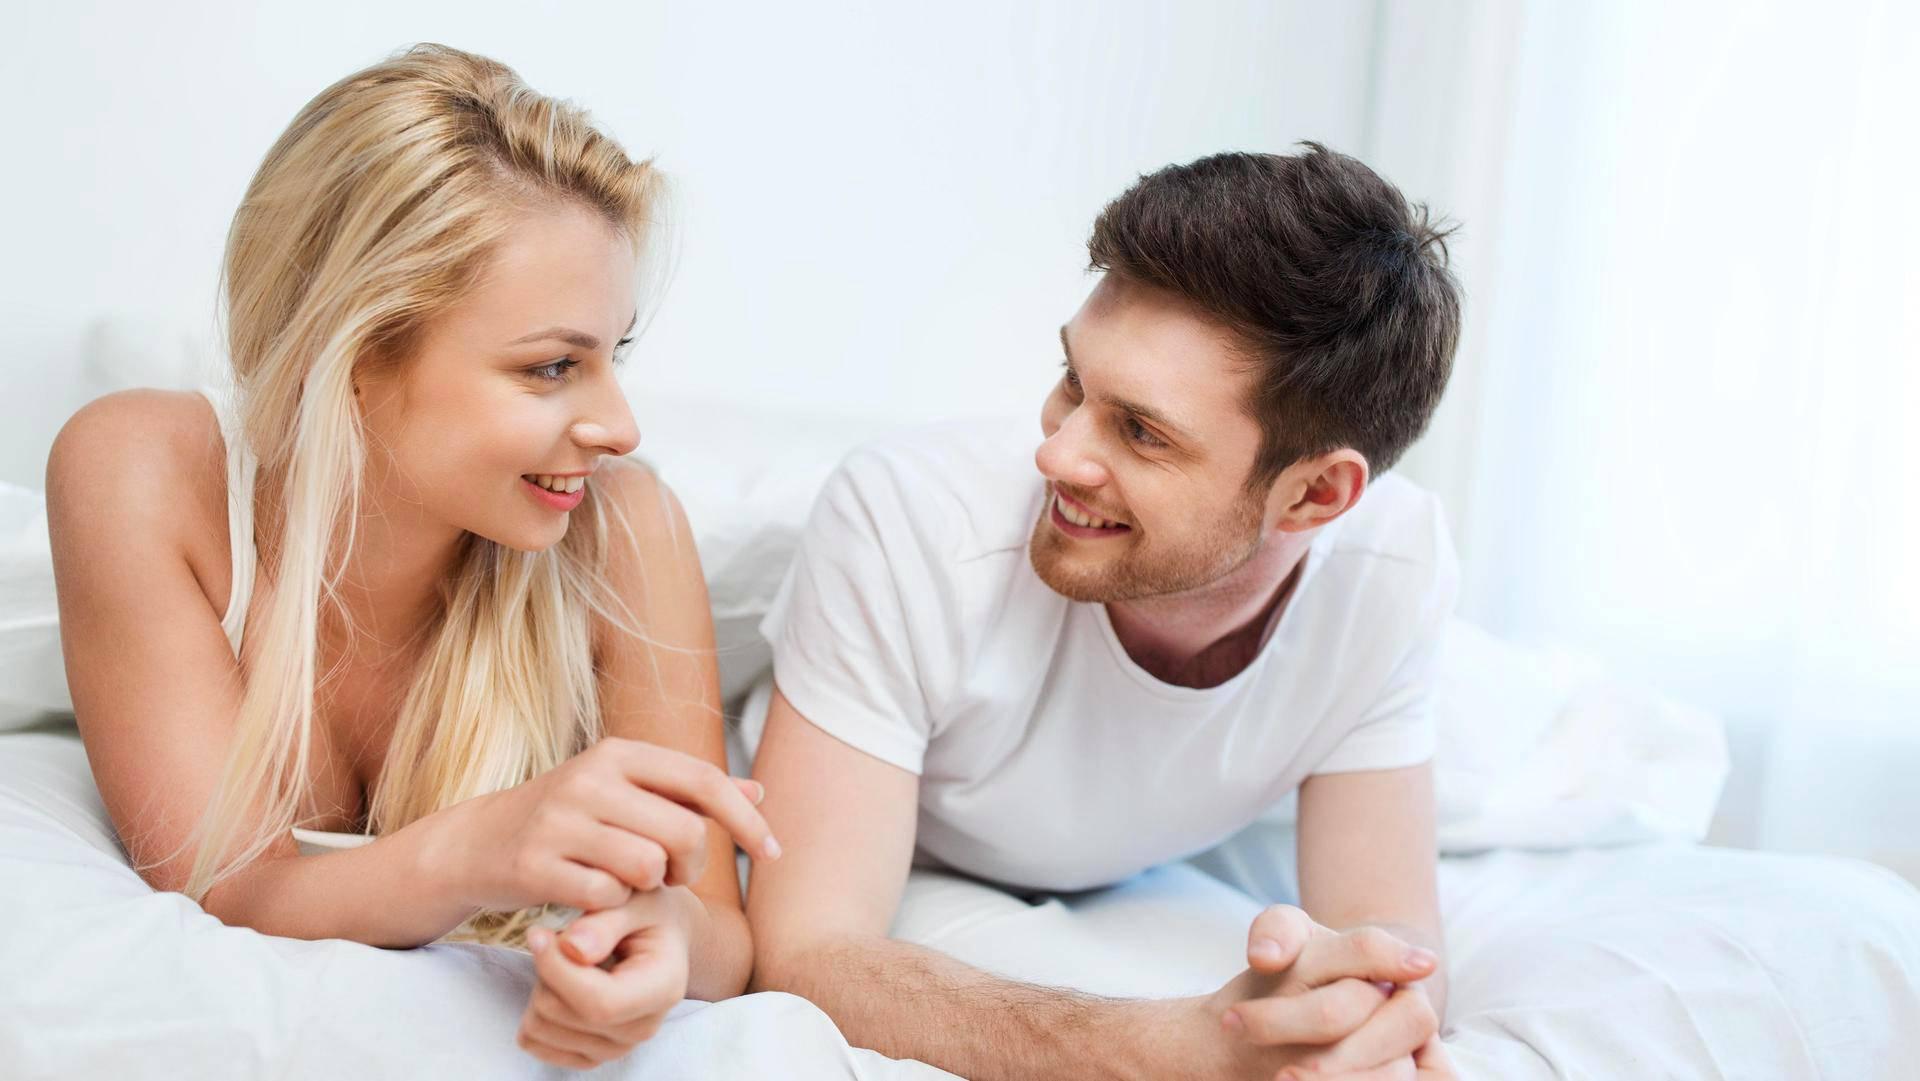 Miten kertoa, jos mies on kiinnostunut dating